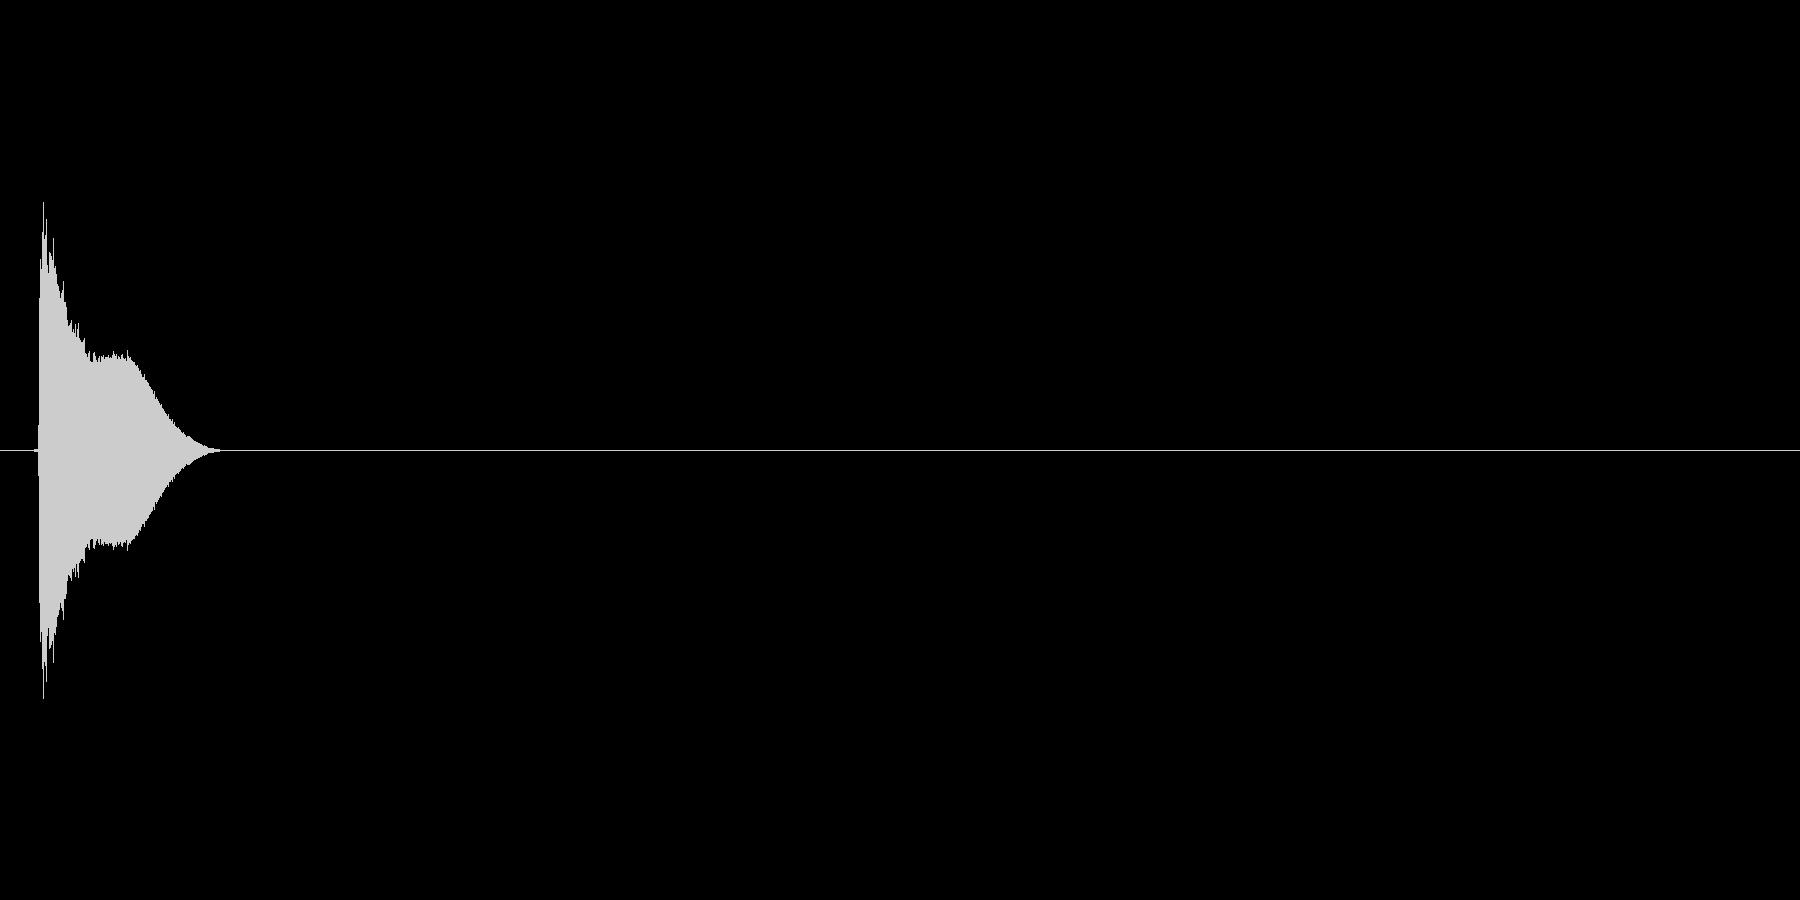 ピコッ(ボタン、スイッチ、選択)の未再生の波形